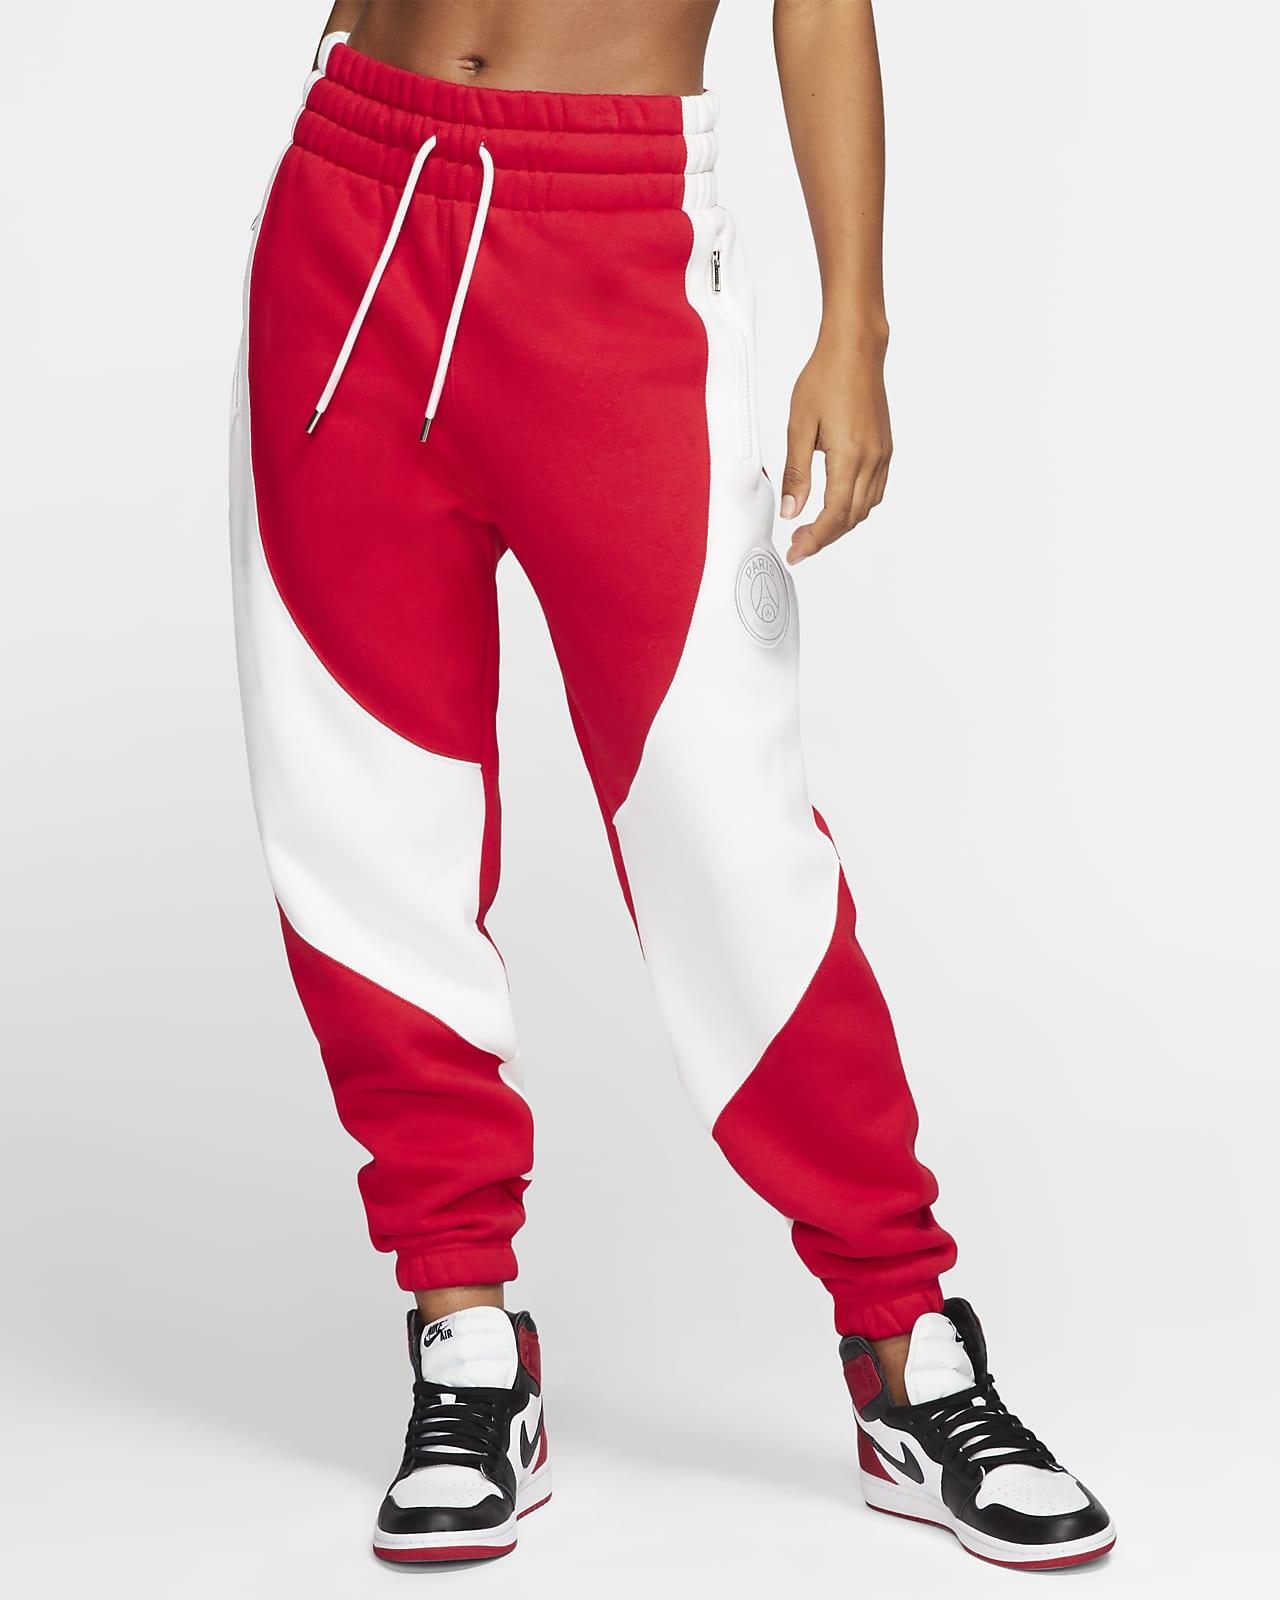 Pantalon en tissu Fleece Paris Saint-Germain pour Femme